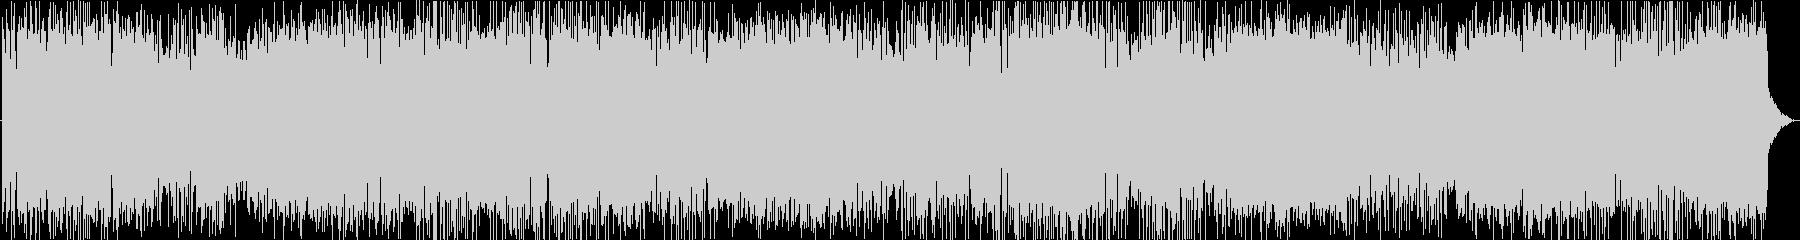 イメージ ビープ音のグリッチ01の未再生の波形